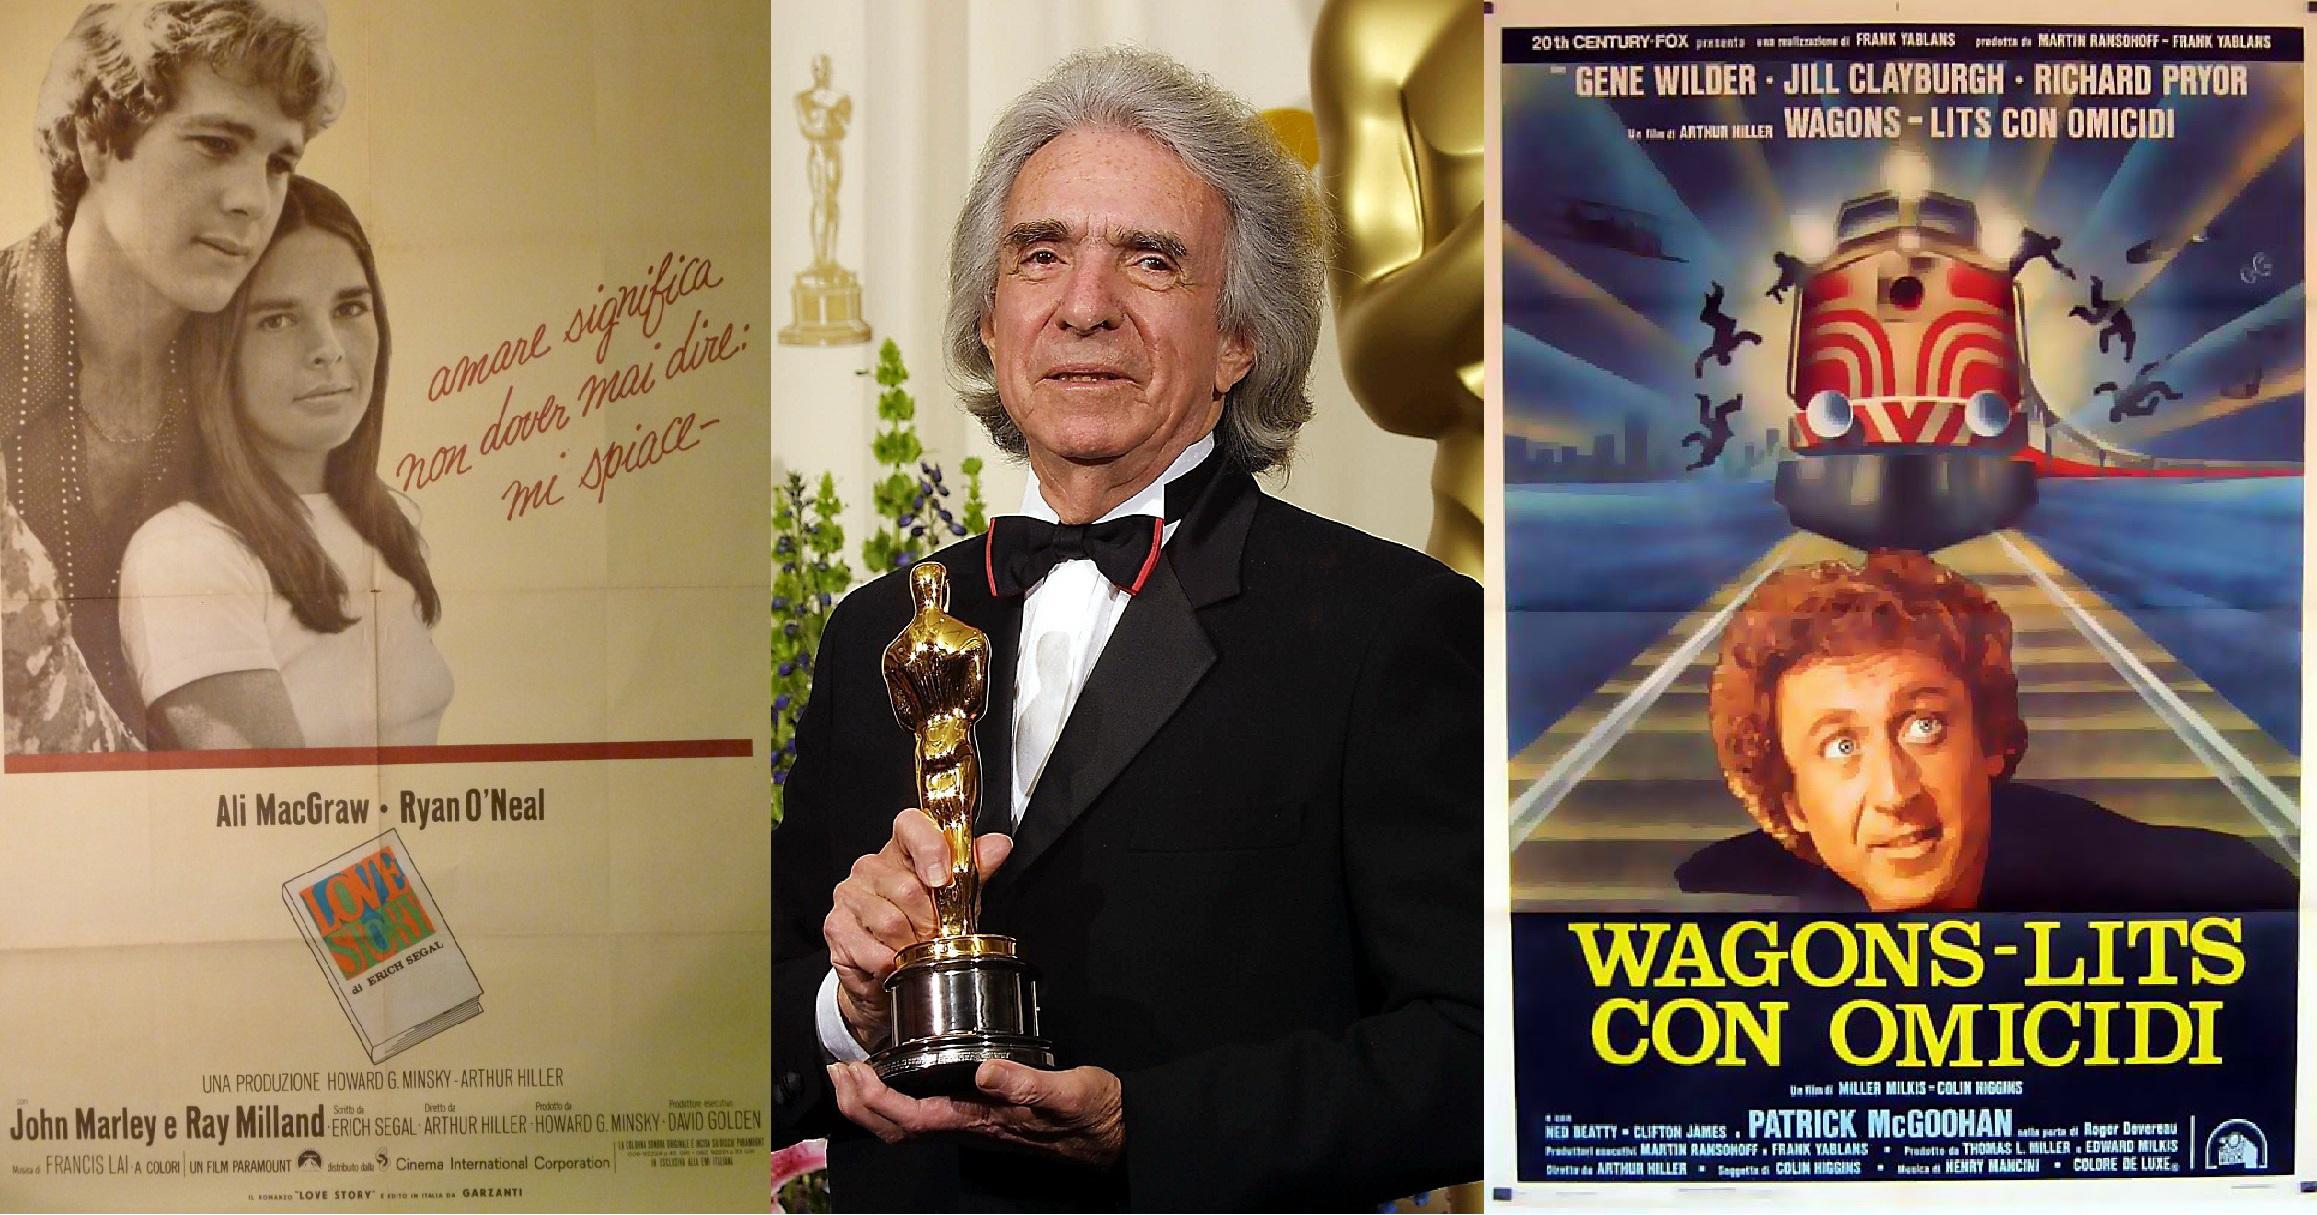 Addio al regista canadese Arthur Hiller, morto ieri a Los Angeles per cause naturali all'età di92 anni. Lo ha reso noto l'AMPAS (l'Academy degli Oscar, per intenderci) che lo stesso […]